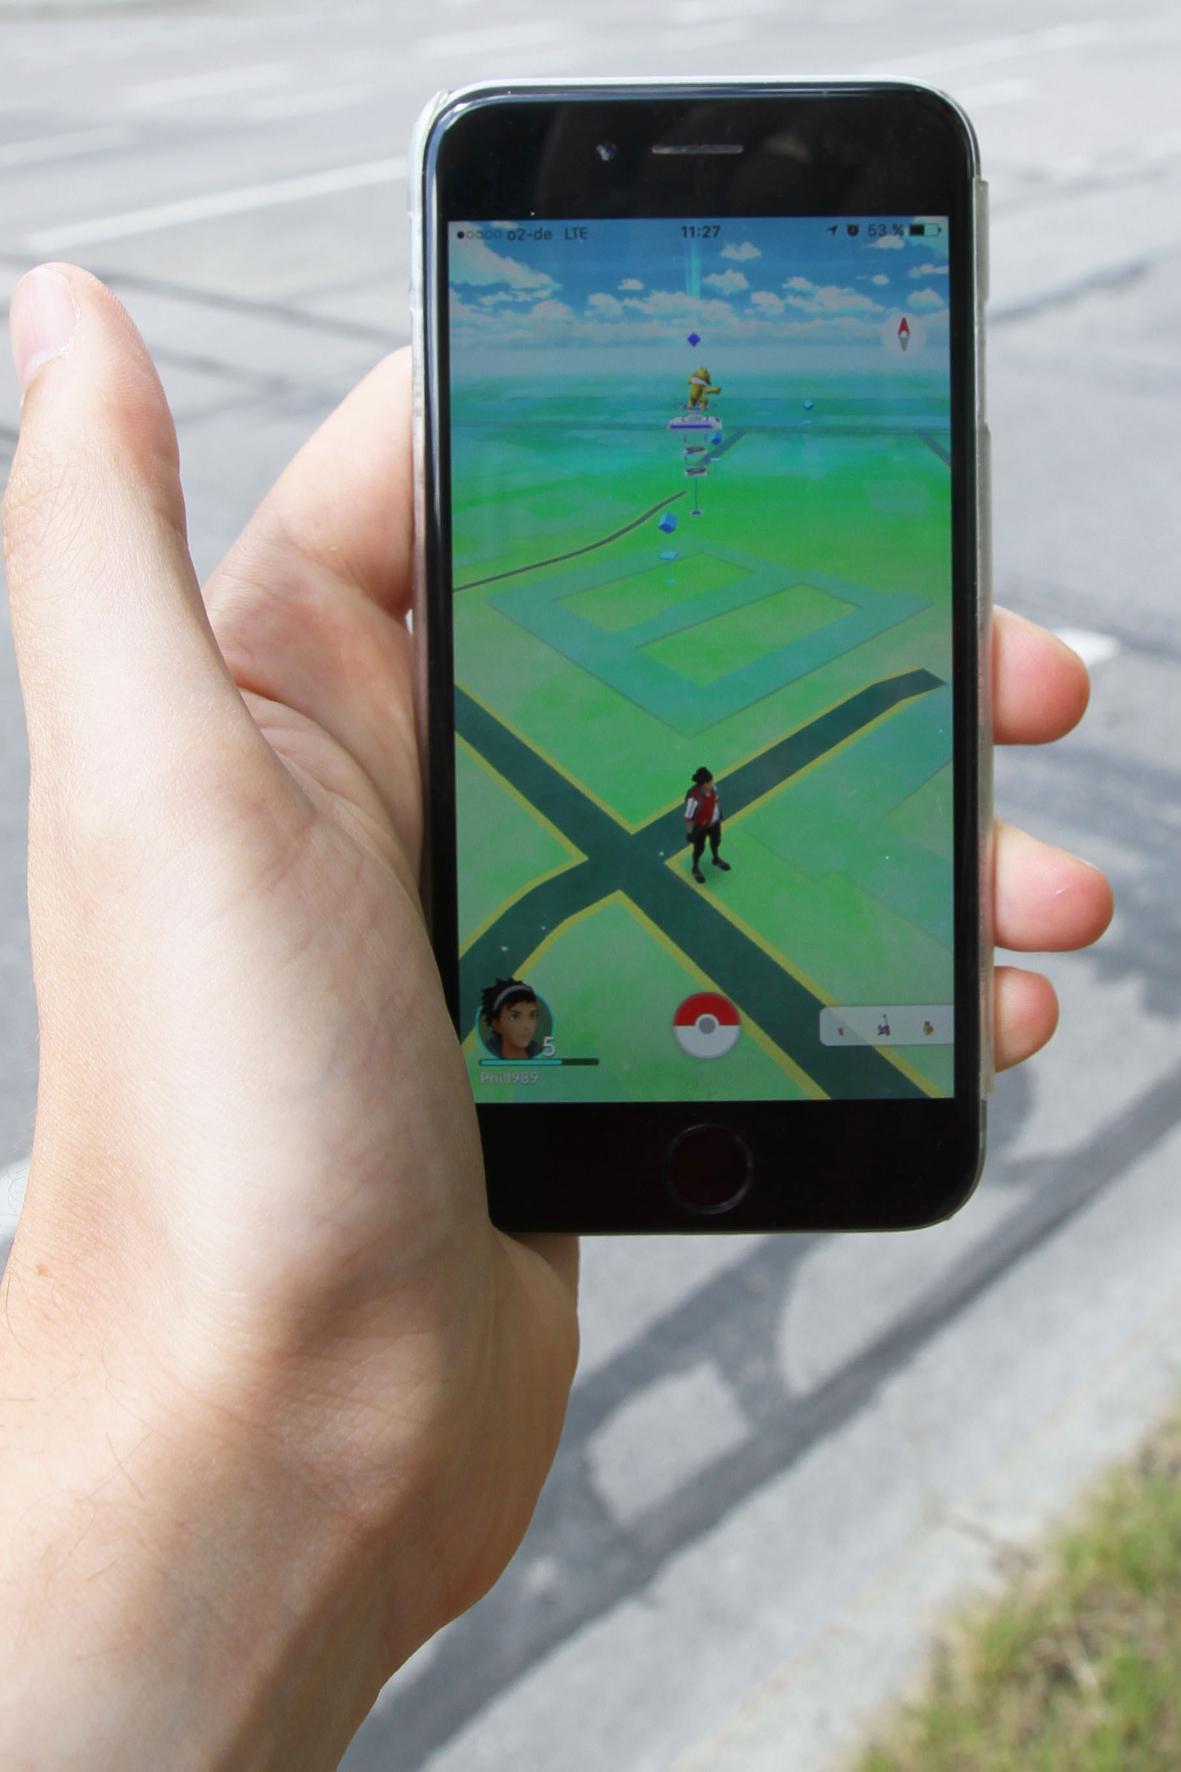 mid Groß-Gerau - Beim Smartphone-Game Pokémon Go suchen die Spieler virtuelle Spielfiguren in freier Wildbahn - und vergessen teilweise die reale Welt um sich herum.